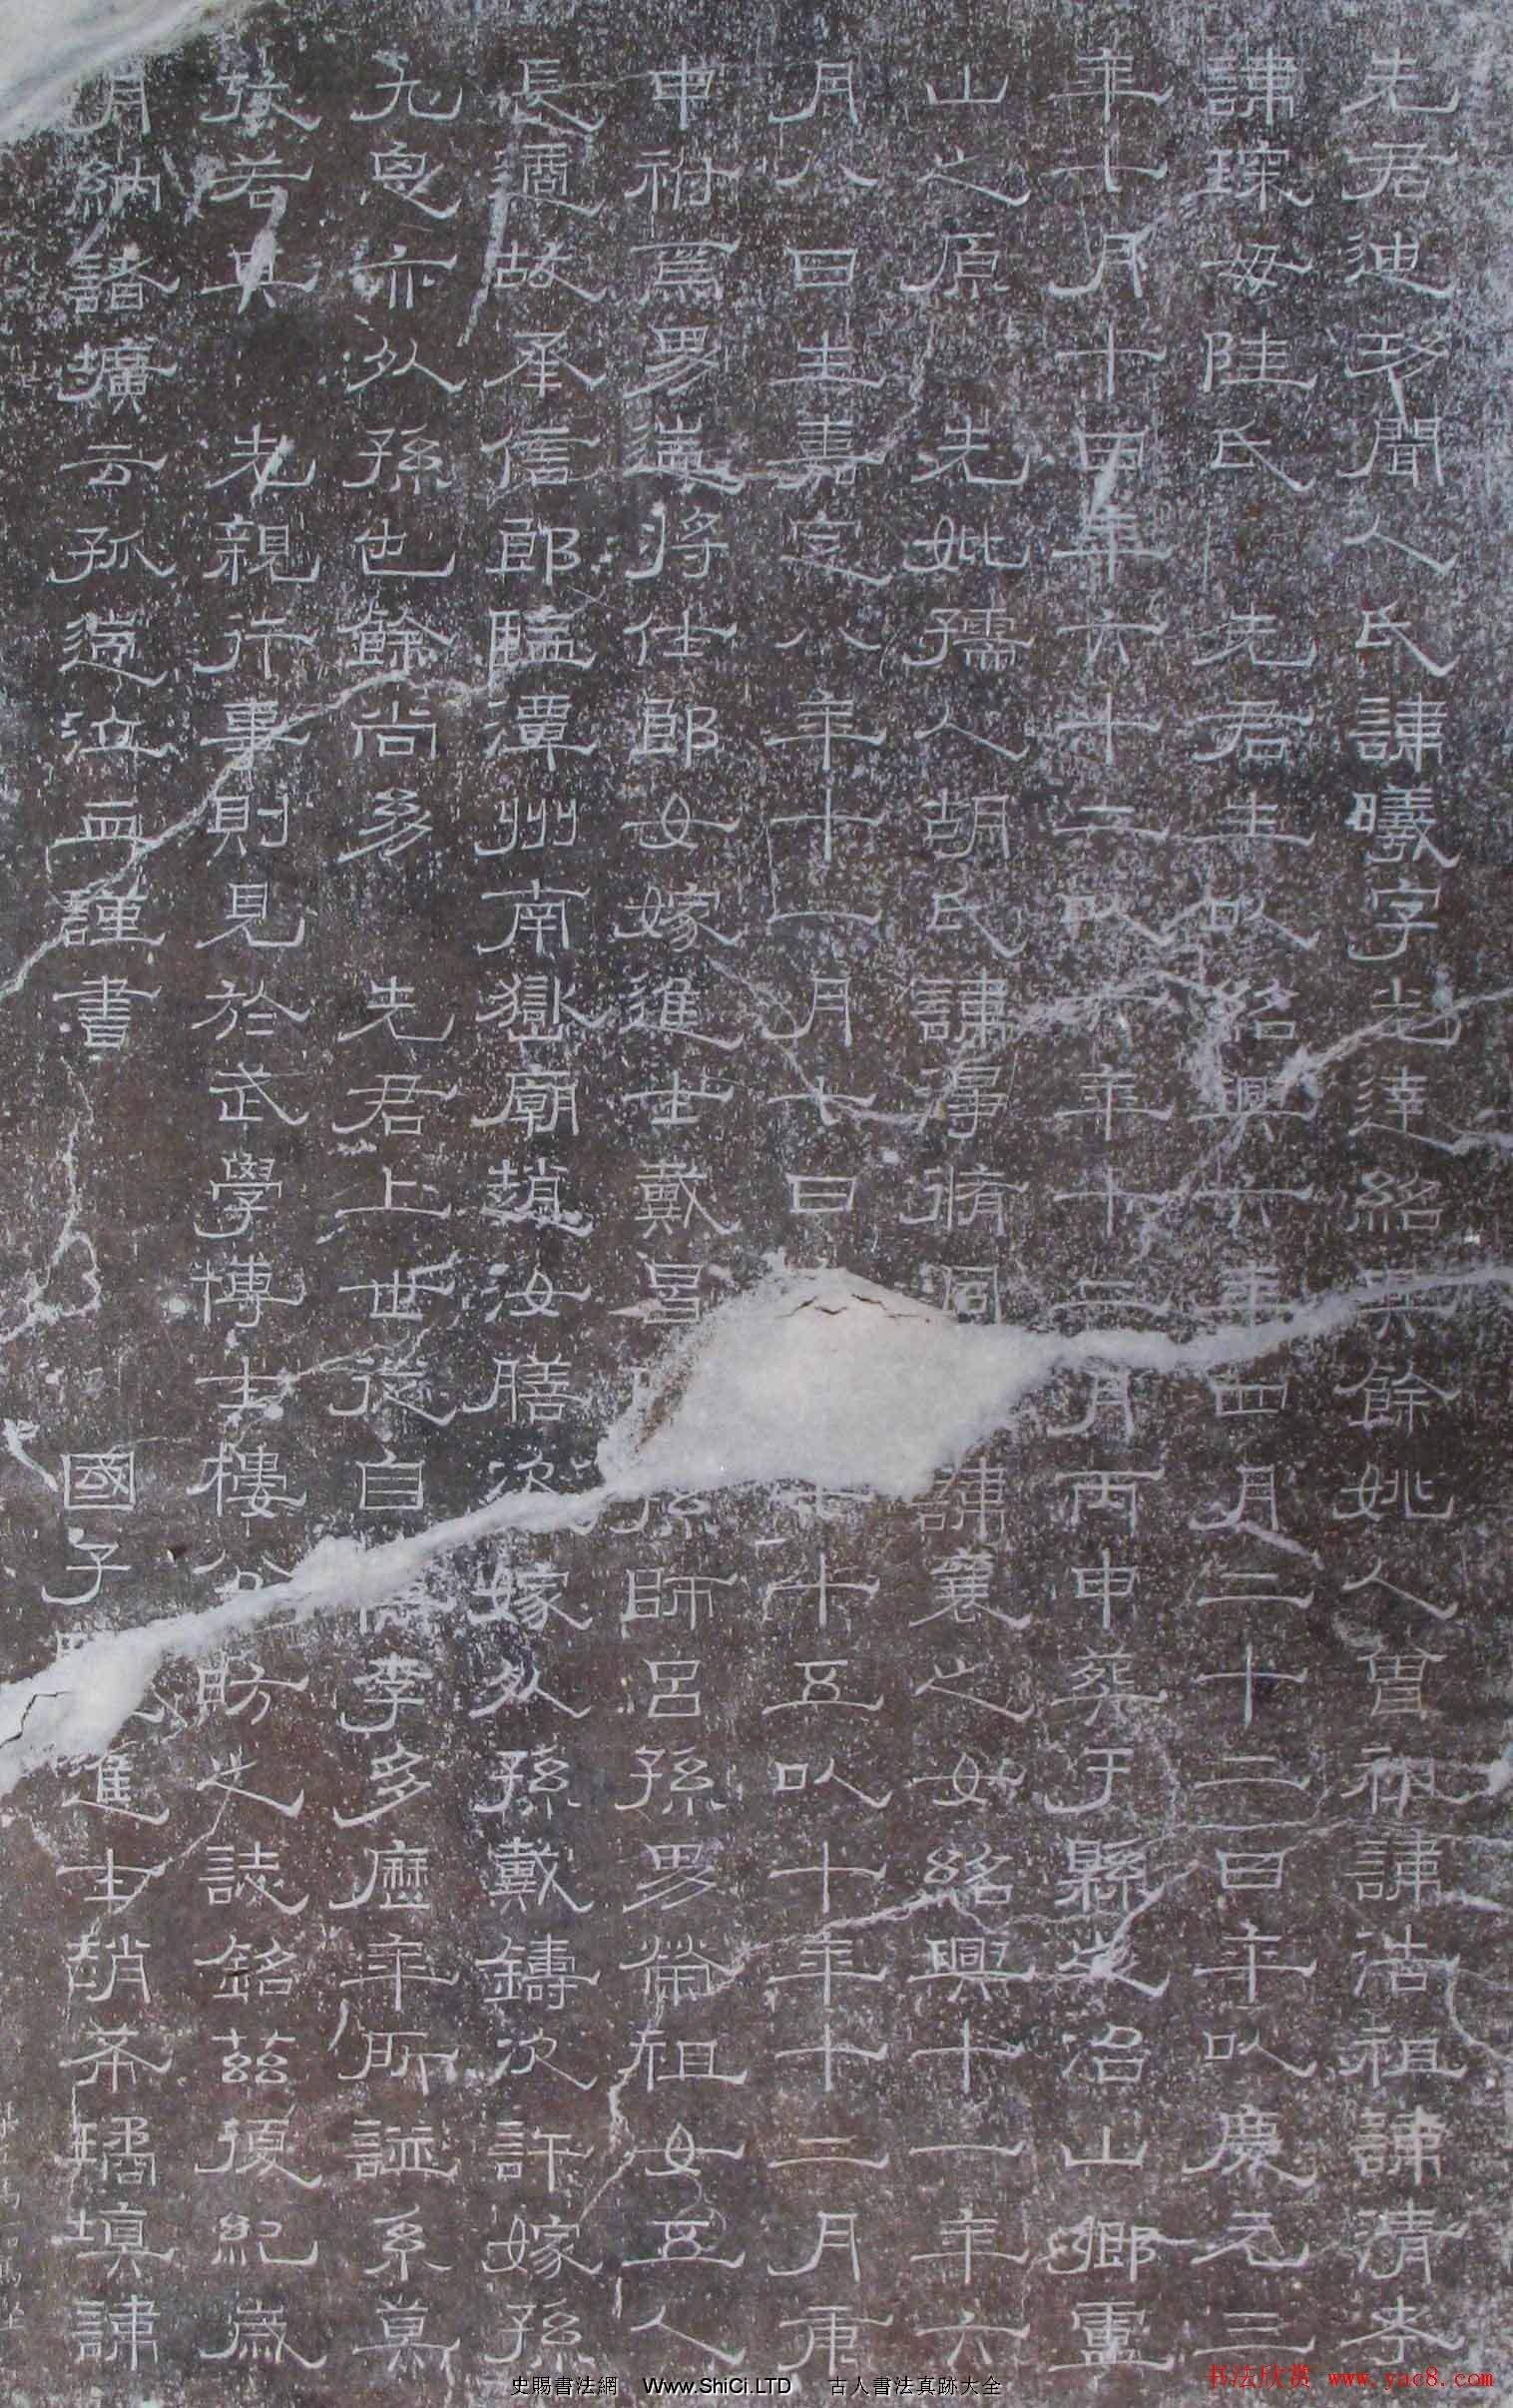 南宋趙希璚隸書真跡欣賞《迪功聞人碑銘》(共7張圖片)